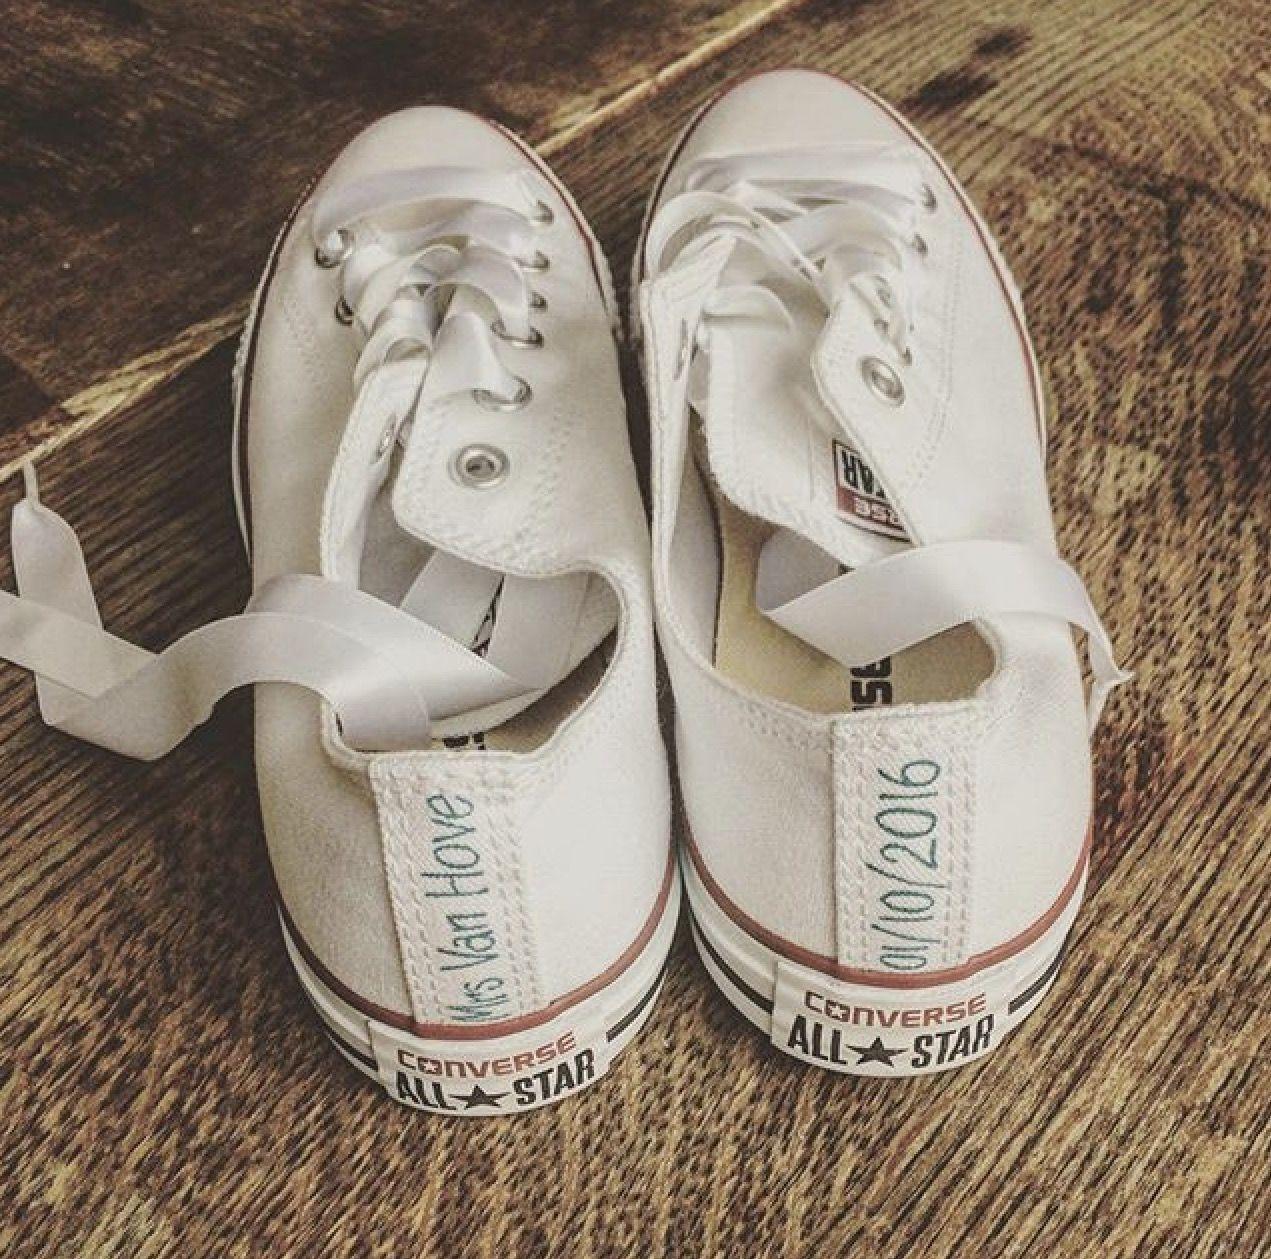 ec07b2f1896d Personalised Heel Tags Wedding Converse  customconverse  weddingconverse   heeltags  personalisedconverse